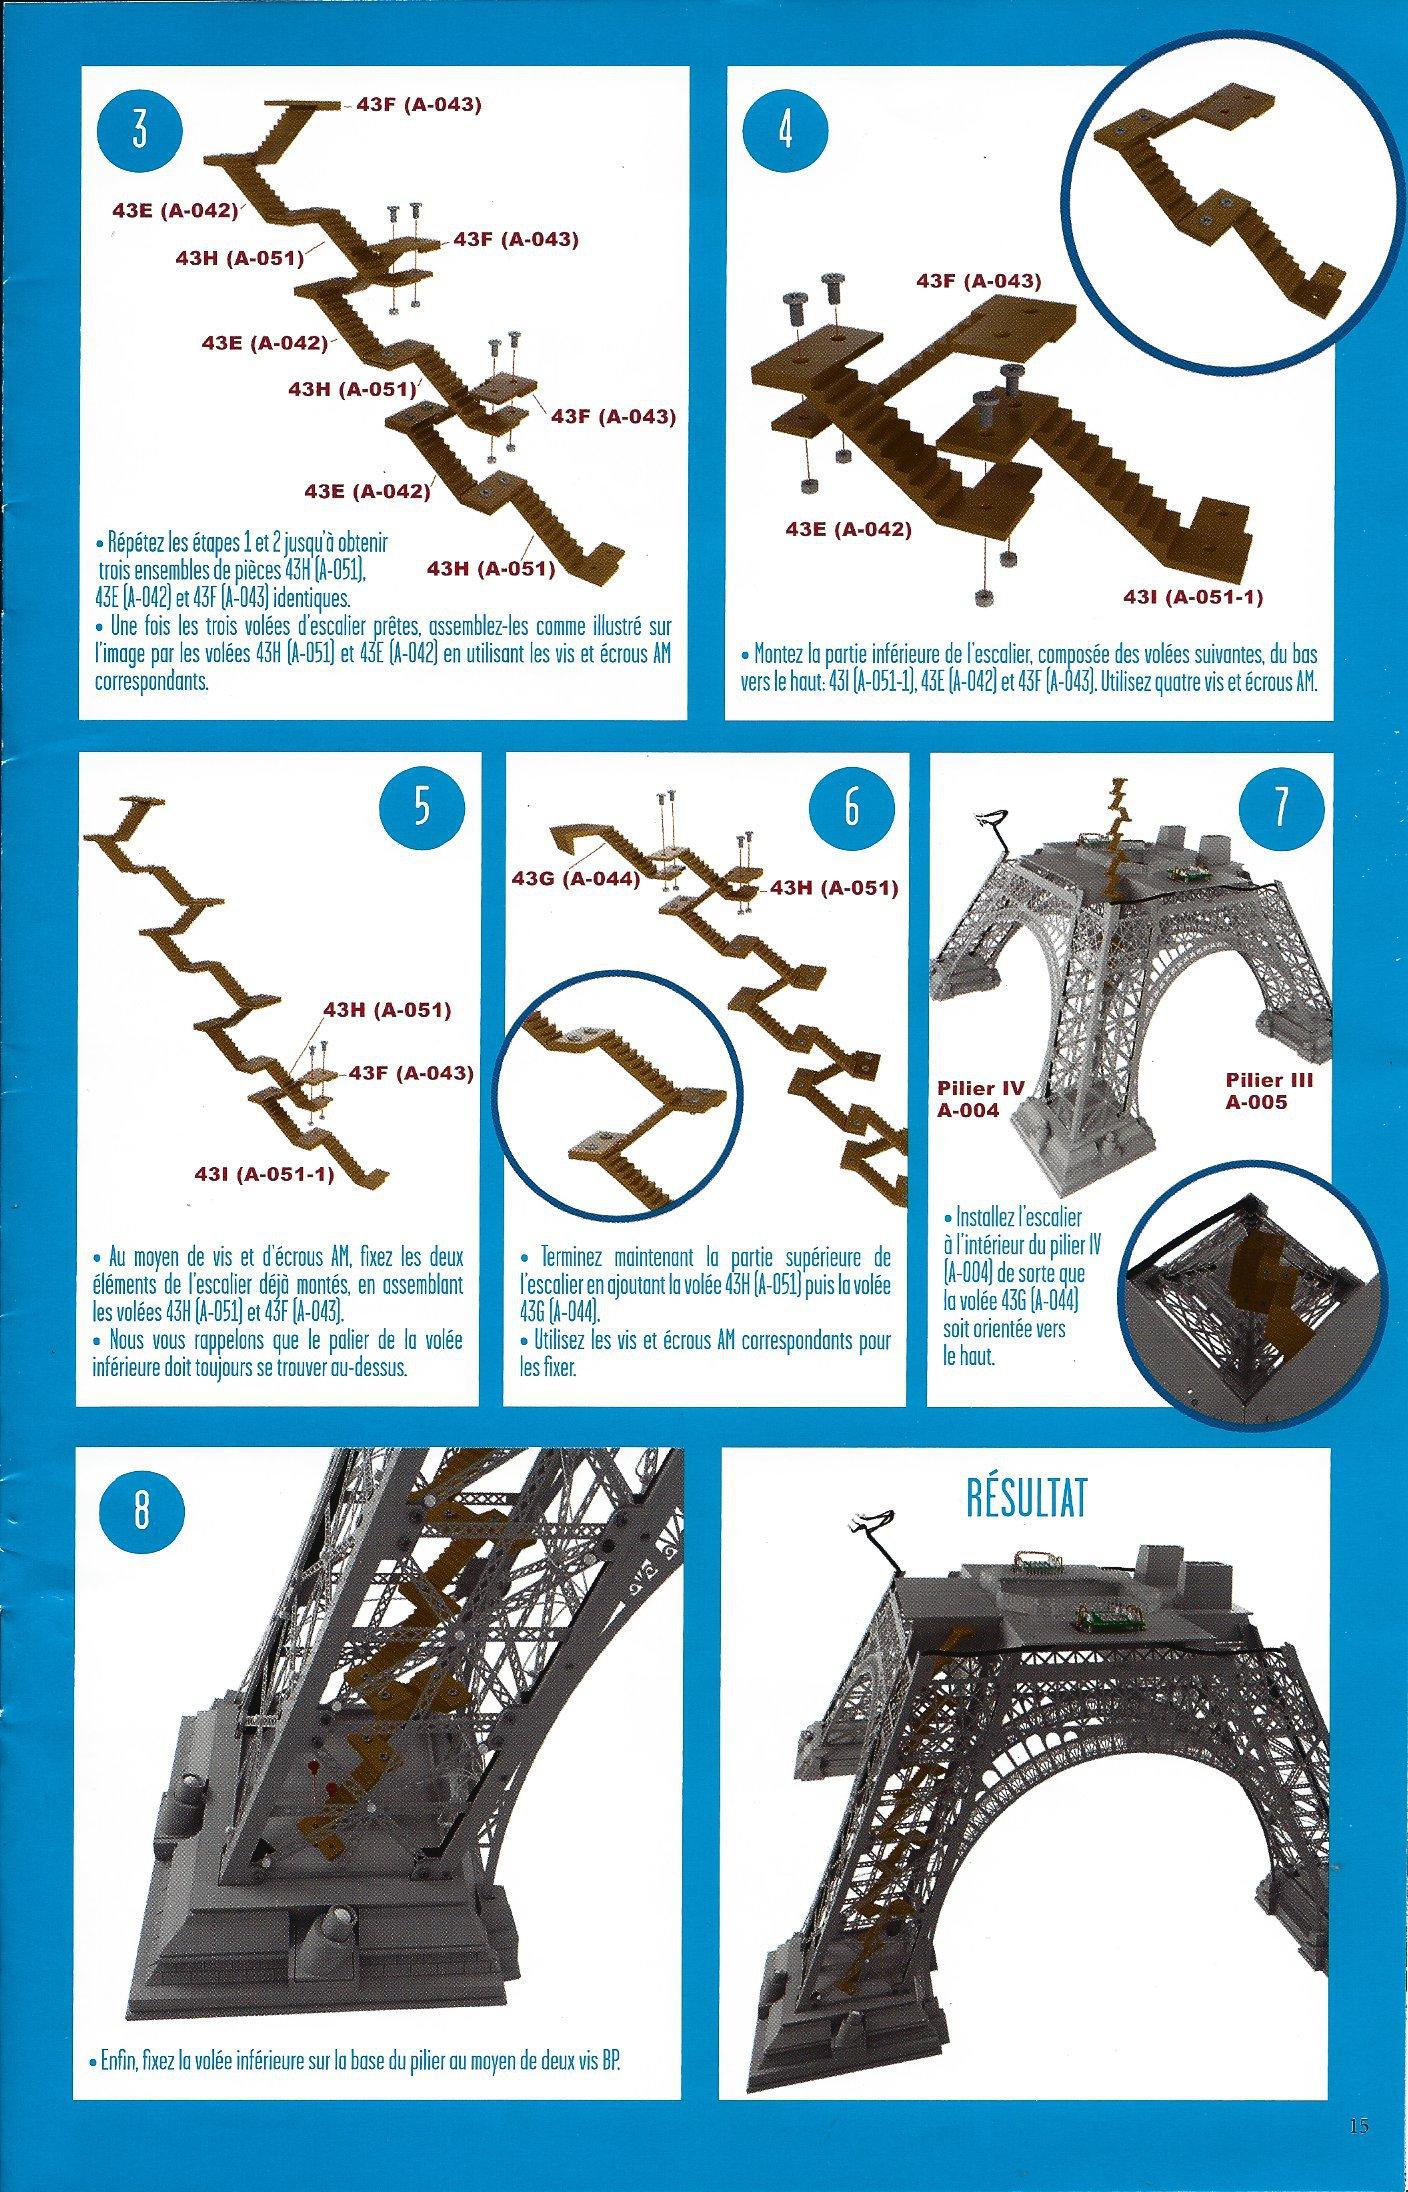 Numéro 43 - Je construis la Tour Eiffel - La Tour dans les films d'action et les comédies 26594343c